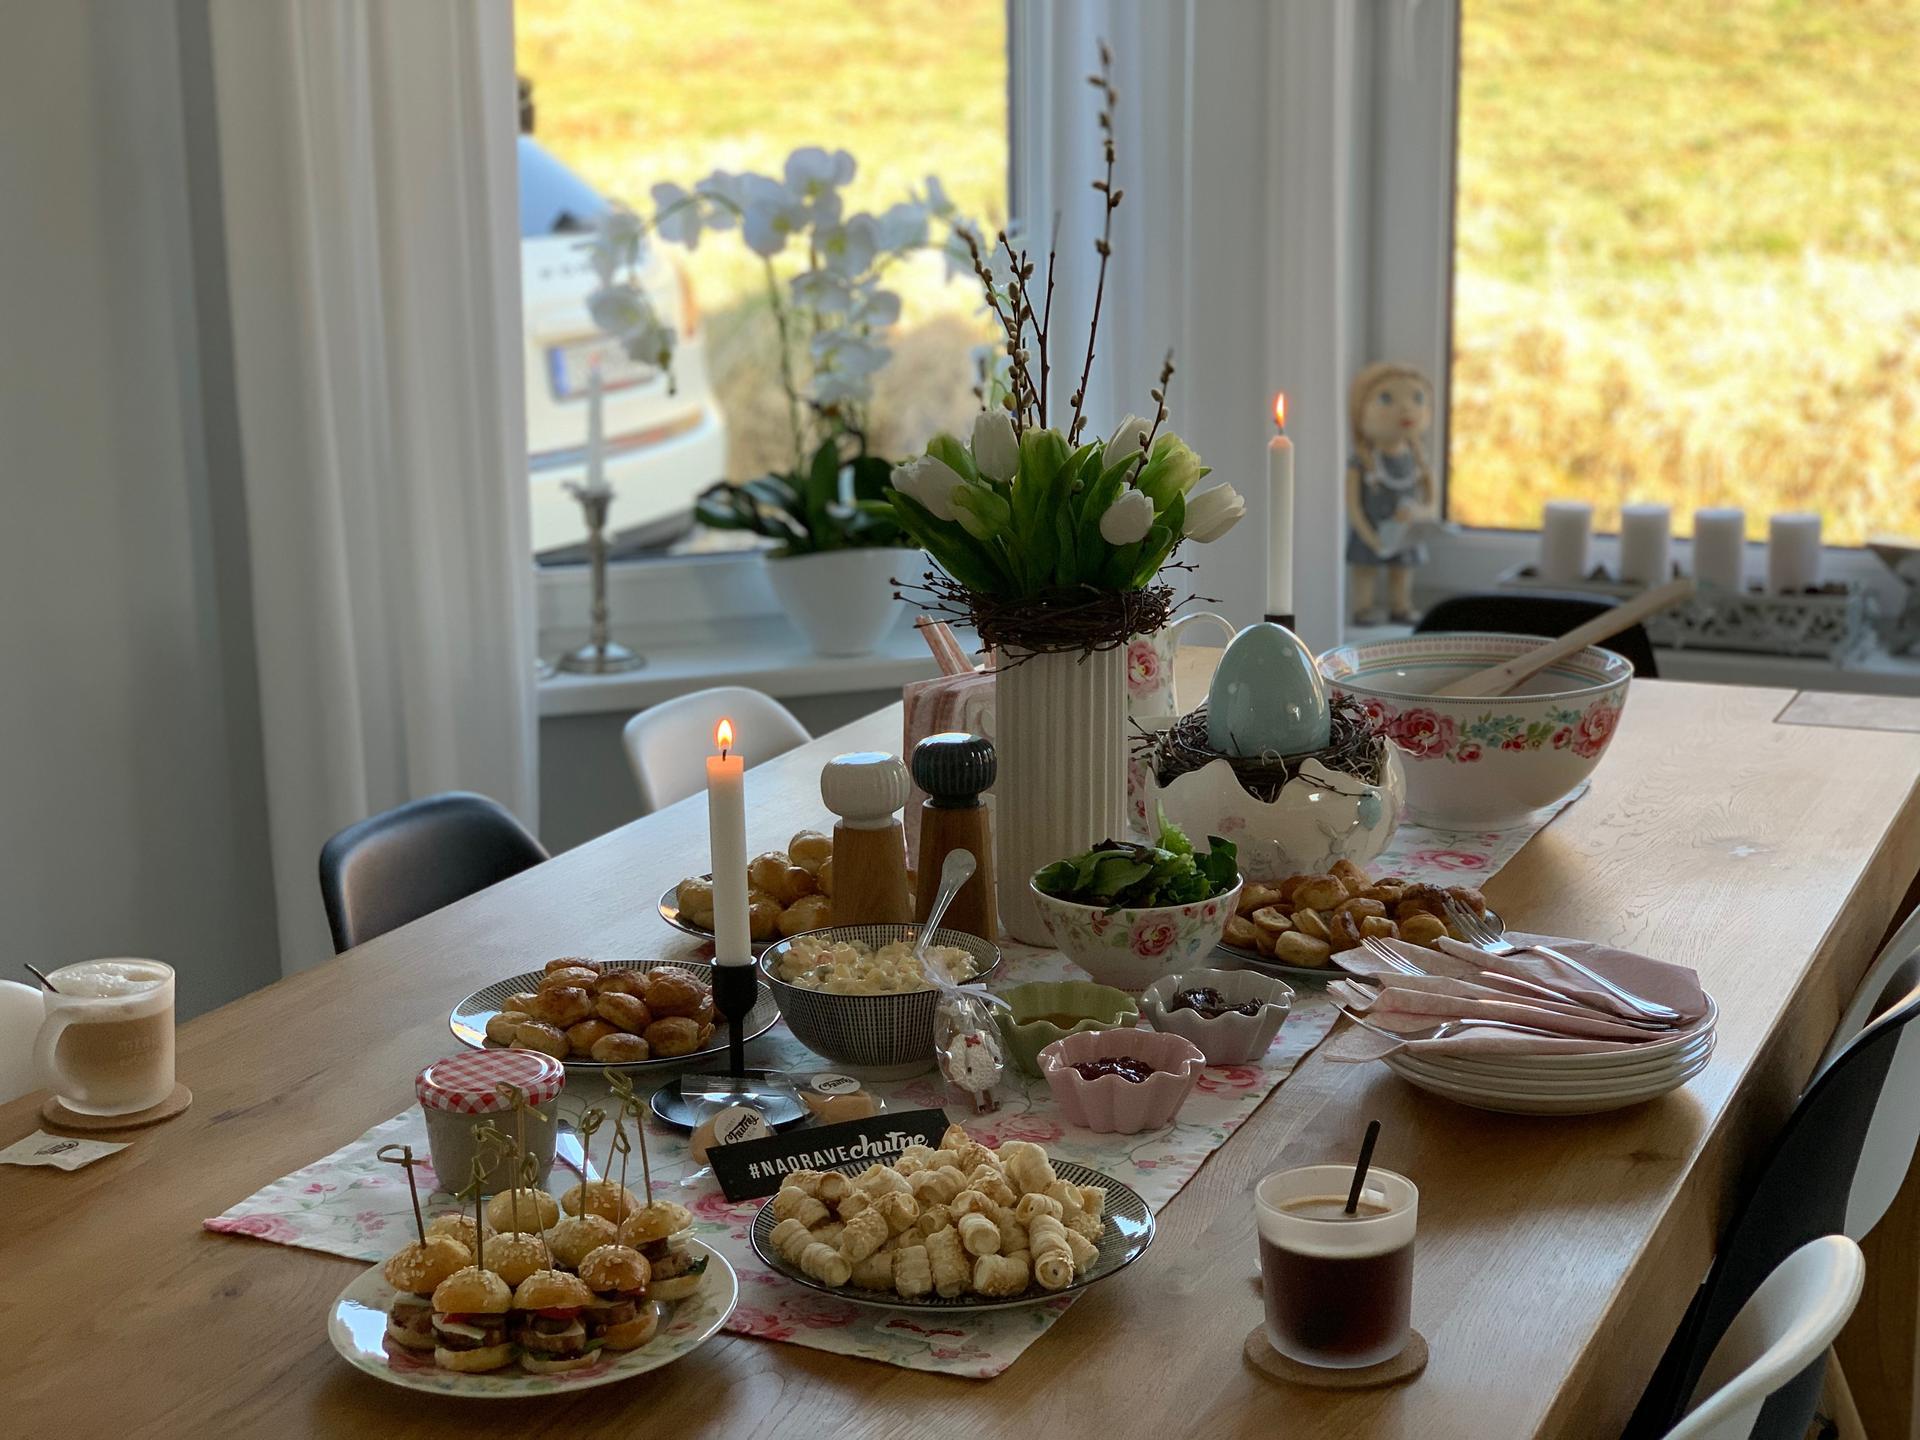 Začiatok 3. roku bývania vo vytúženom domčeku - Krásne veľkonočné sviatky všetkým 🙏❤️🐣🐰🌷